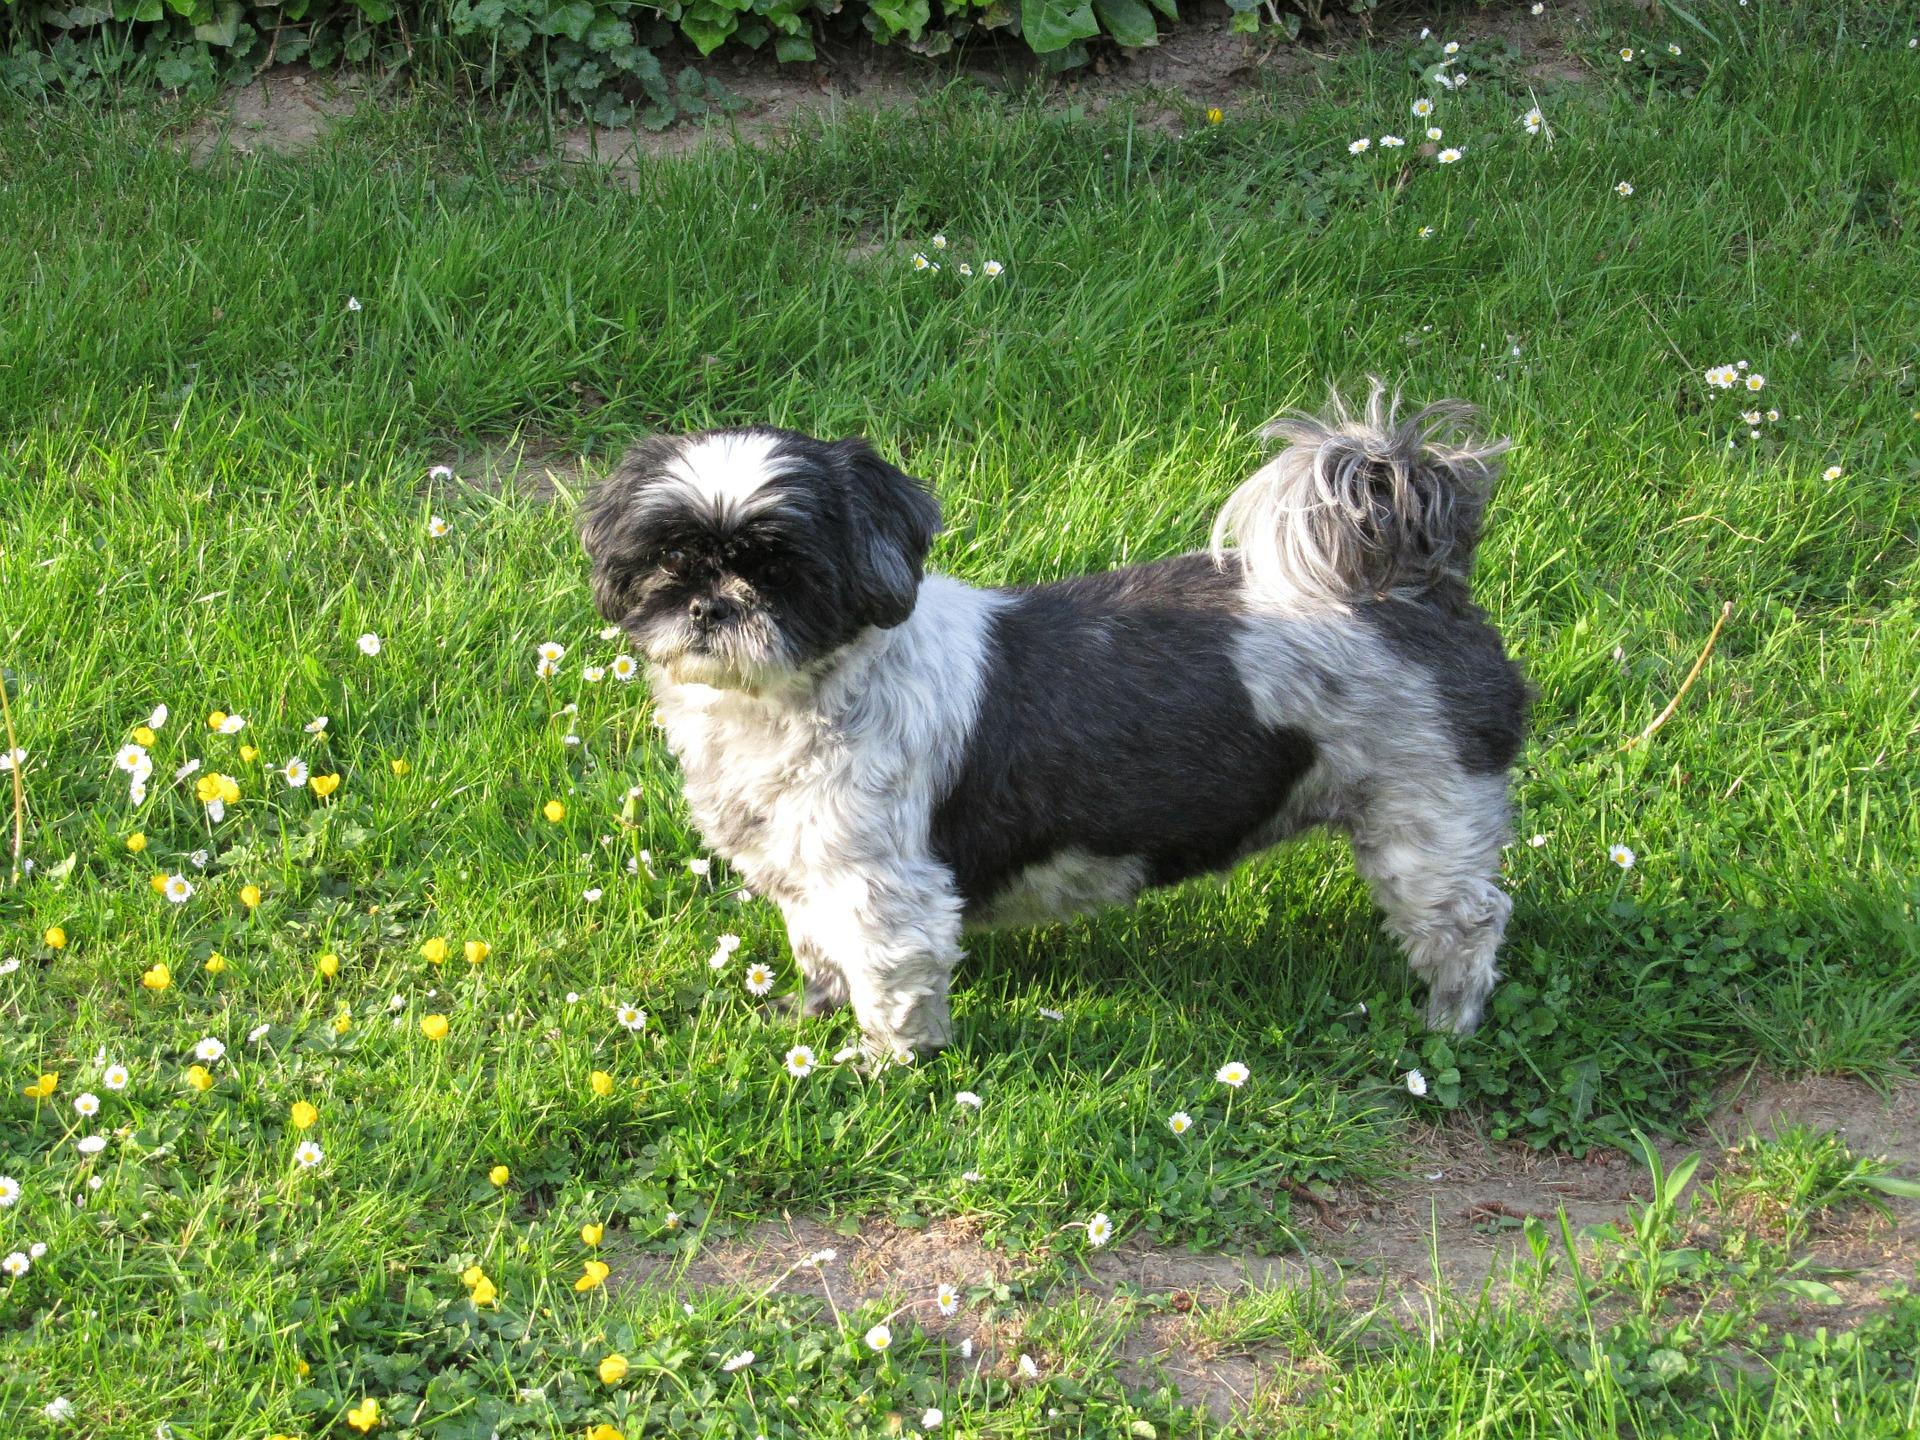 Shih tzu należą do psów ras małych o długiej i gęstej sierści. Ze względu na budowę czaszki mają duże tendencje do odkładania się kamienia nazębnego, problemów z kanalikami łzowymi oraz trudności z oddychaniem.